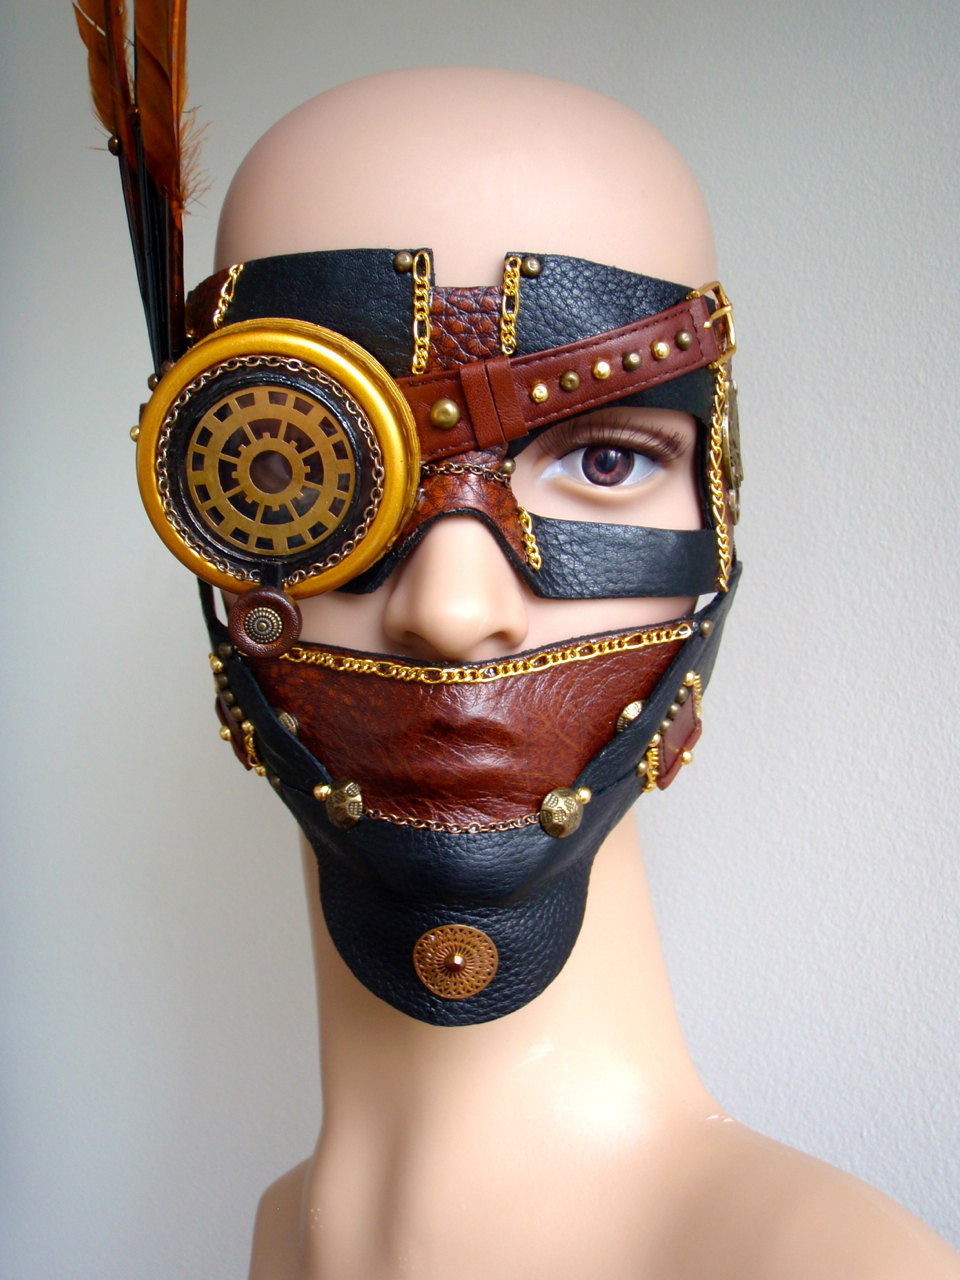 12 Masks of Halloween #12 Ste&unk Mad Max & 12 Masks of Halloween: #1 Horned Raven Mask